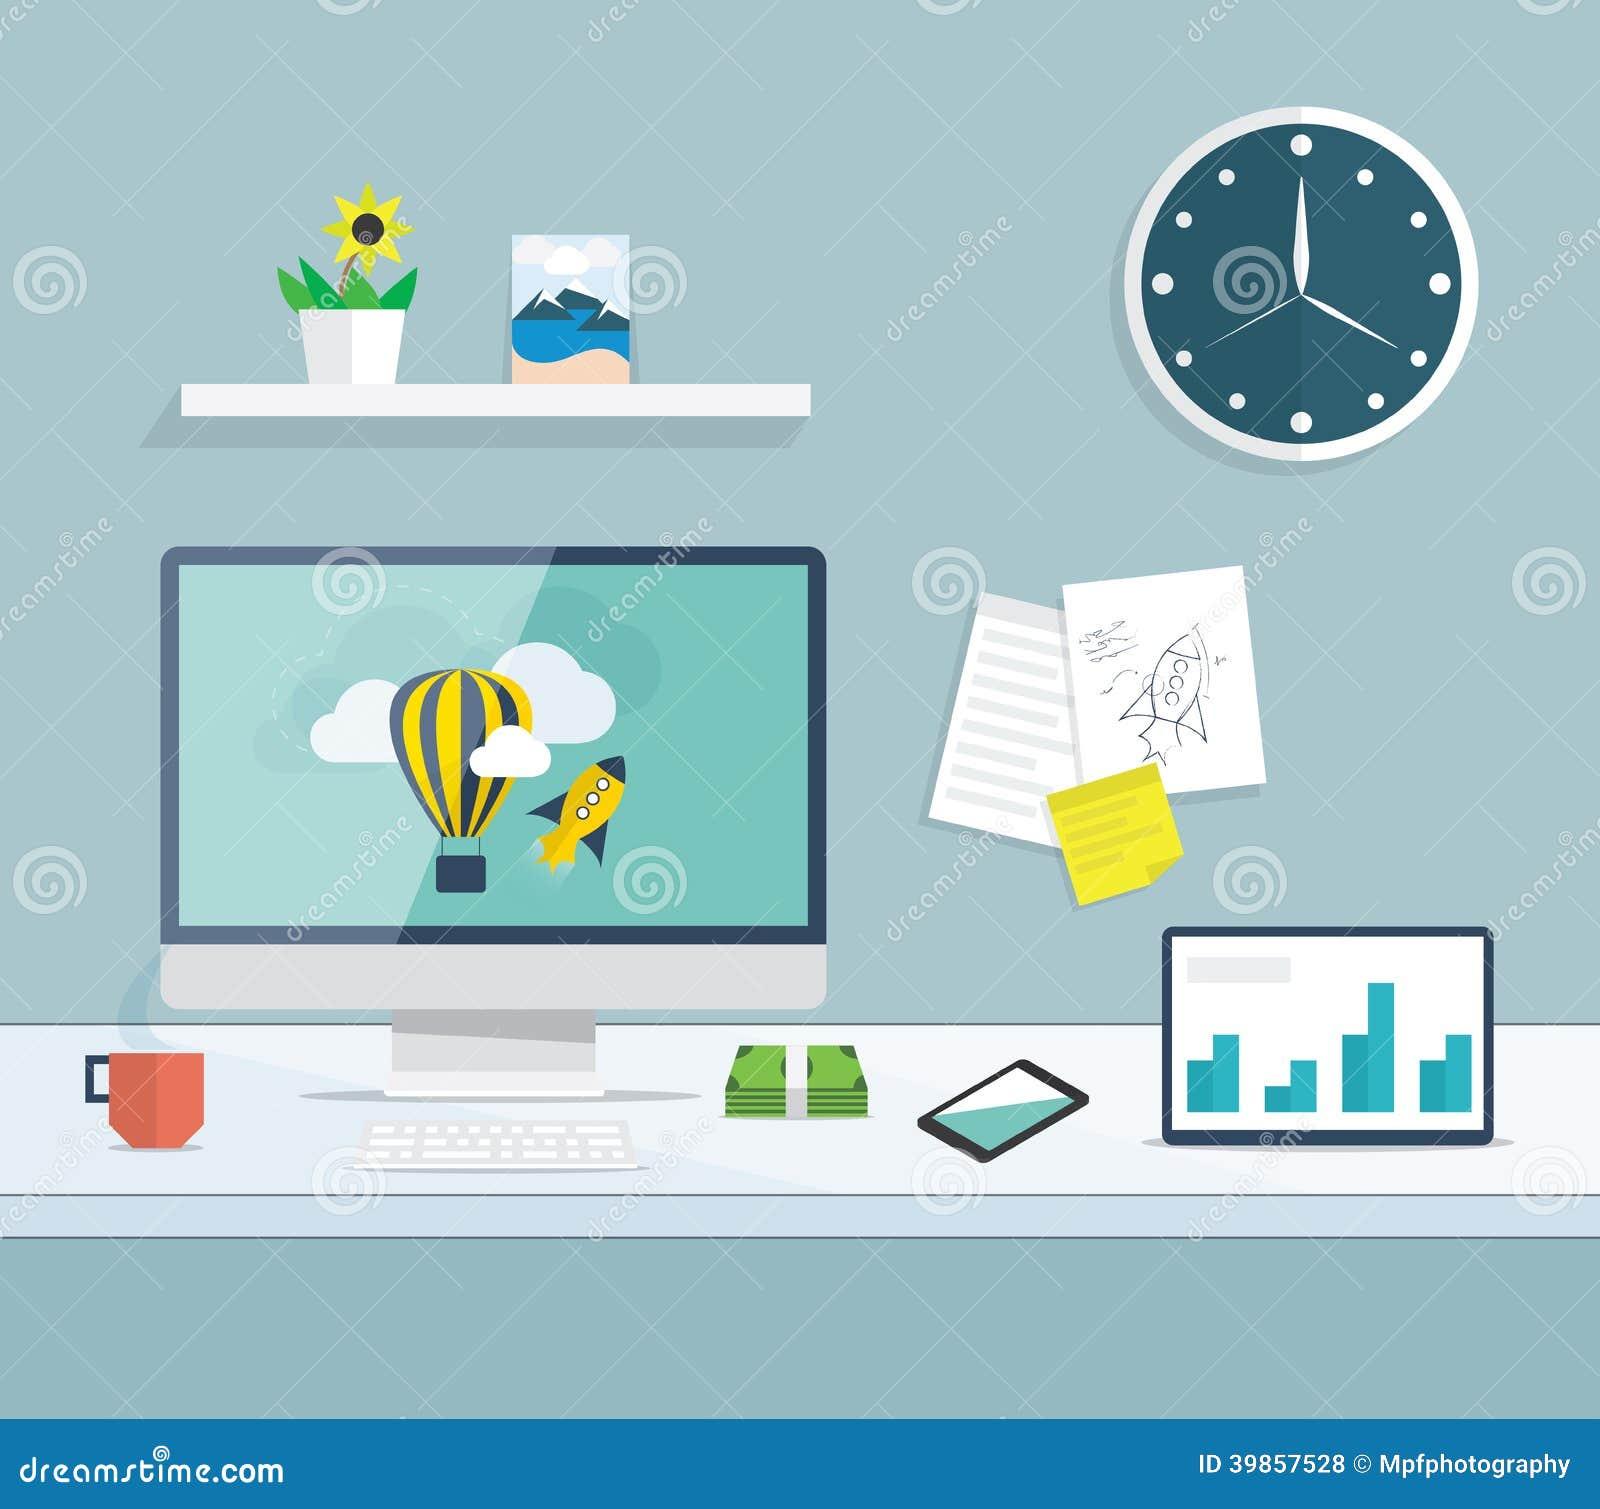 Vlakke Desktop van Web en grafische ontwerpontwikkeling